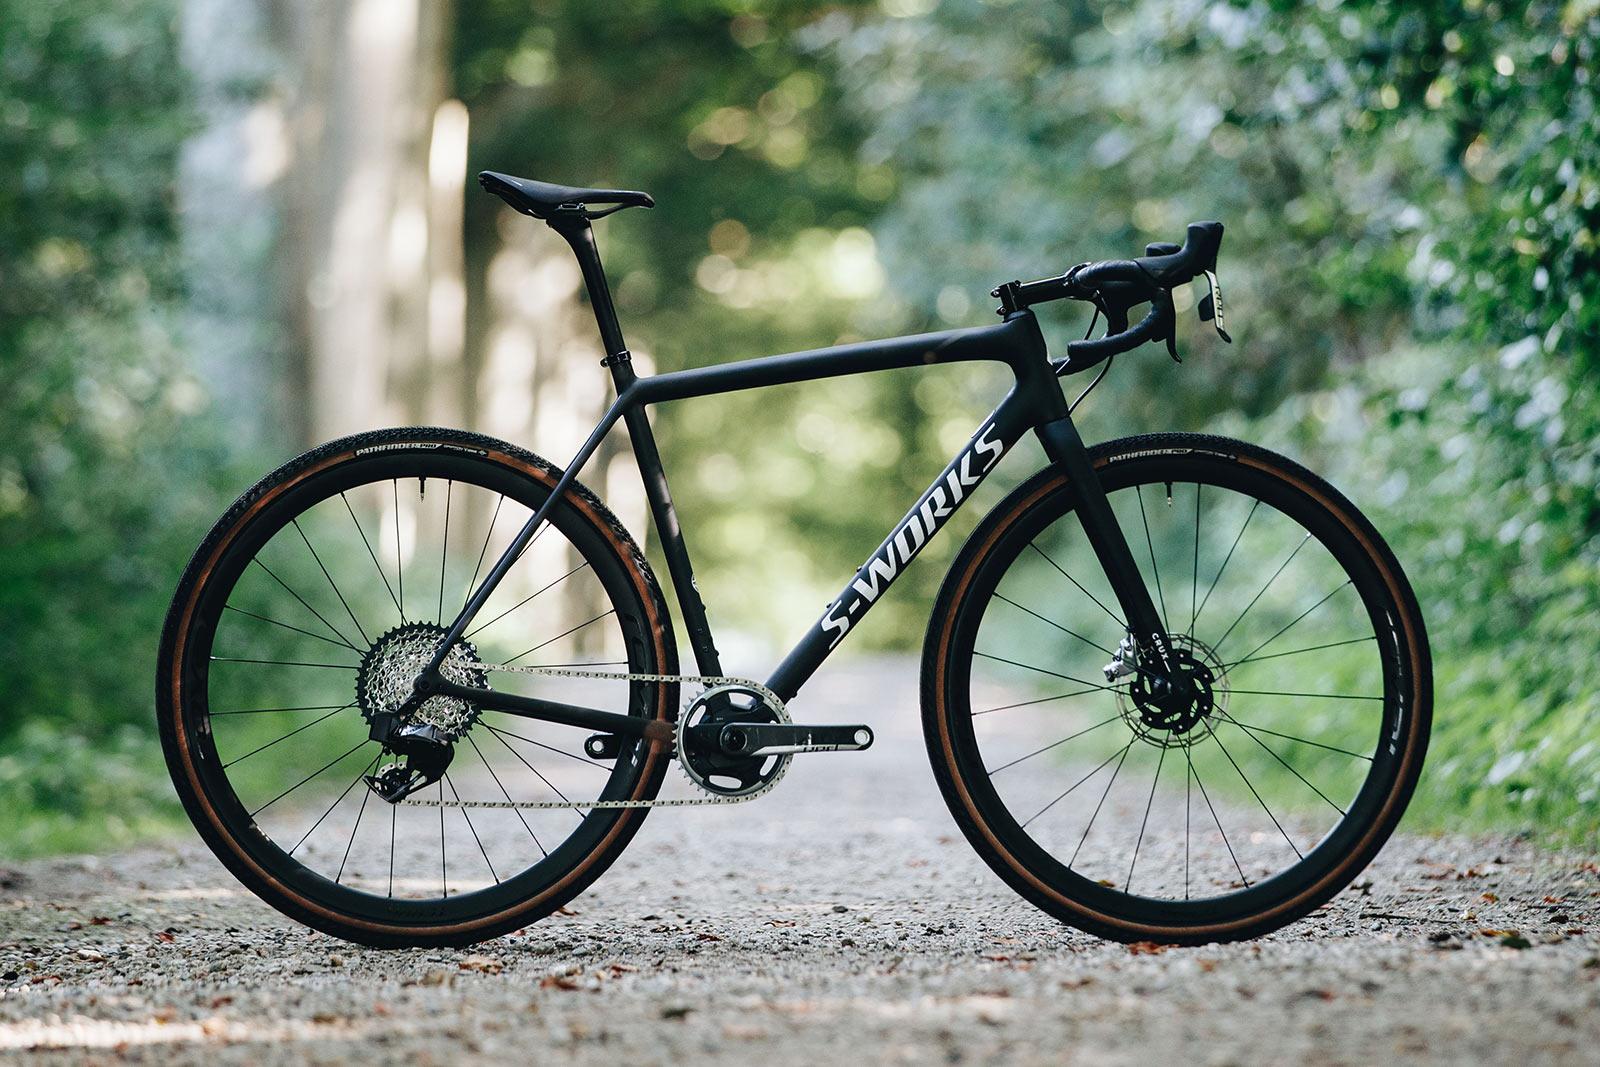 new specialized crux s-works gravel bike